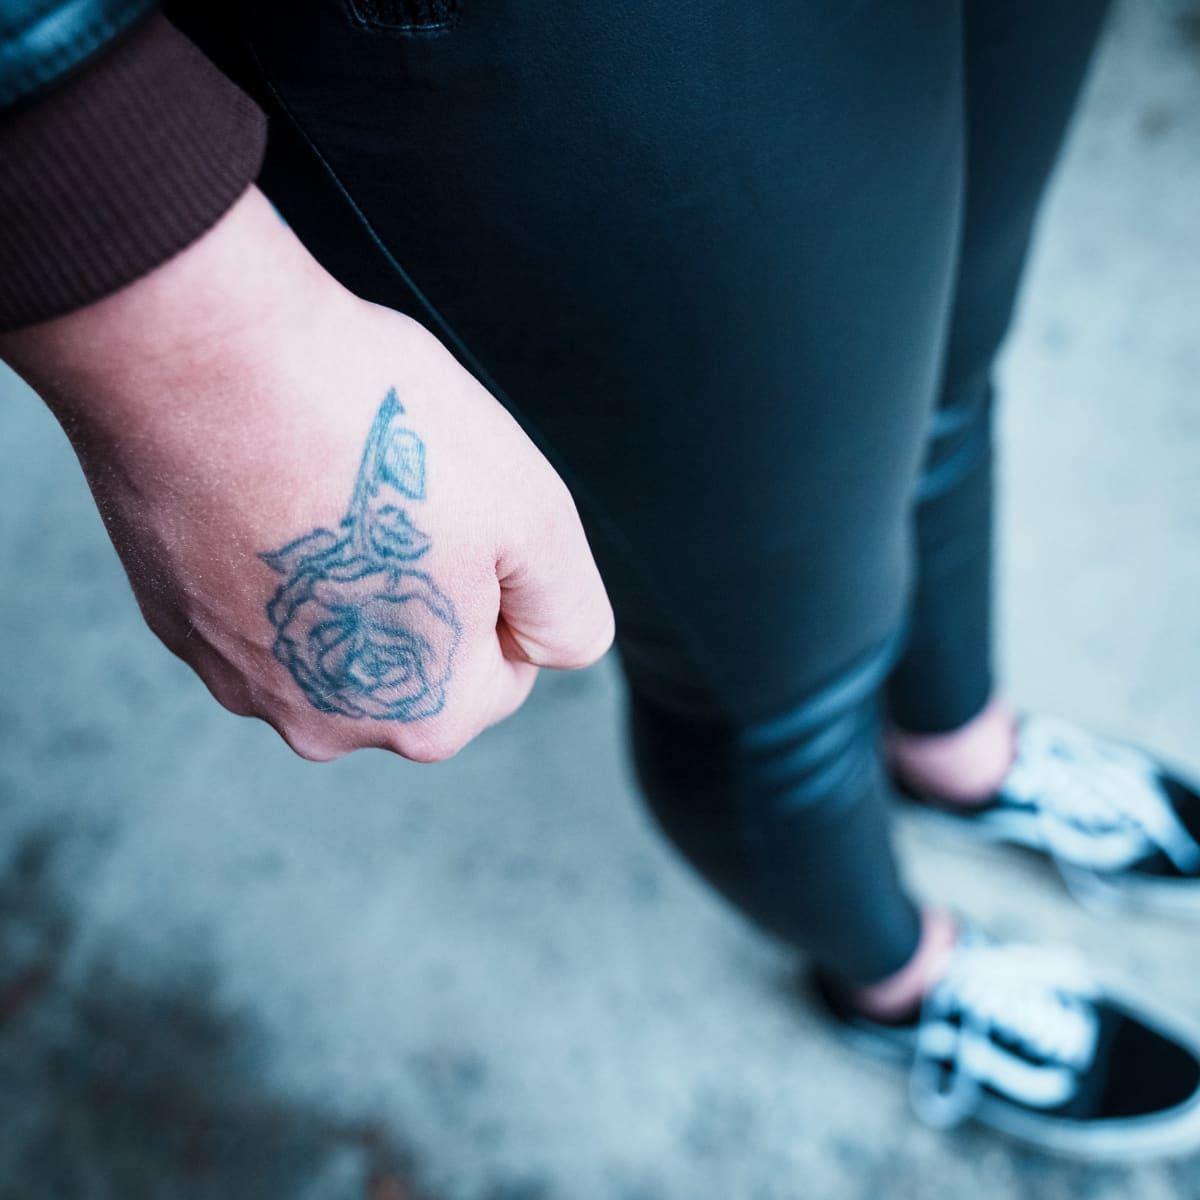 Käsi, jossa on ruusutatuointi on nyrkissä